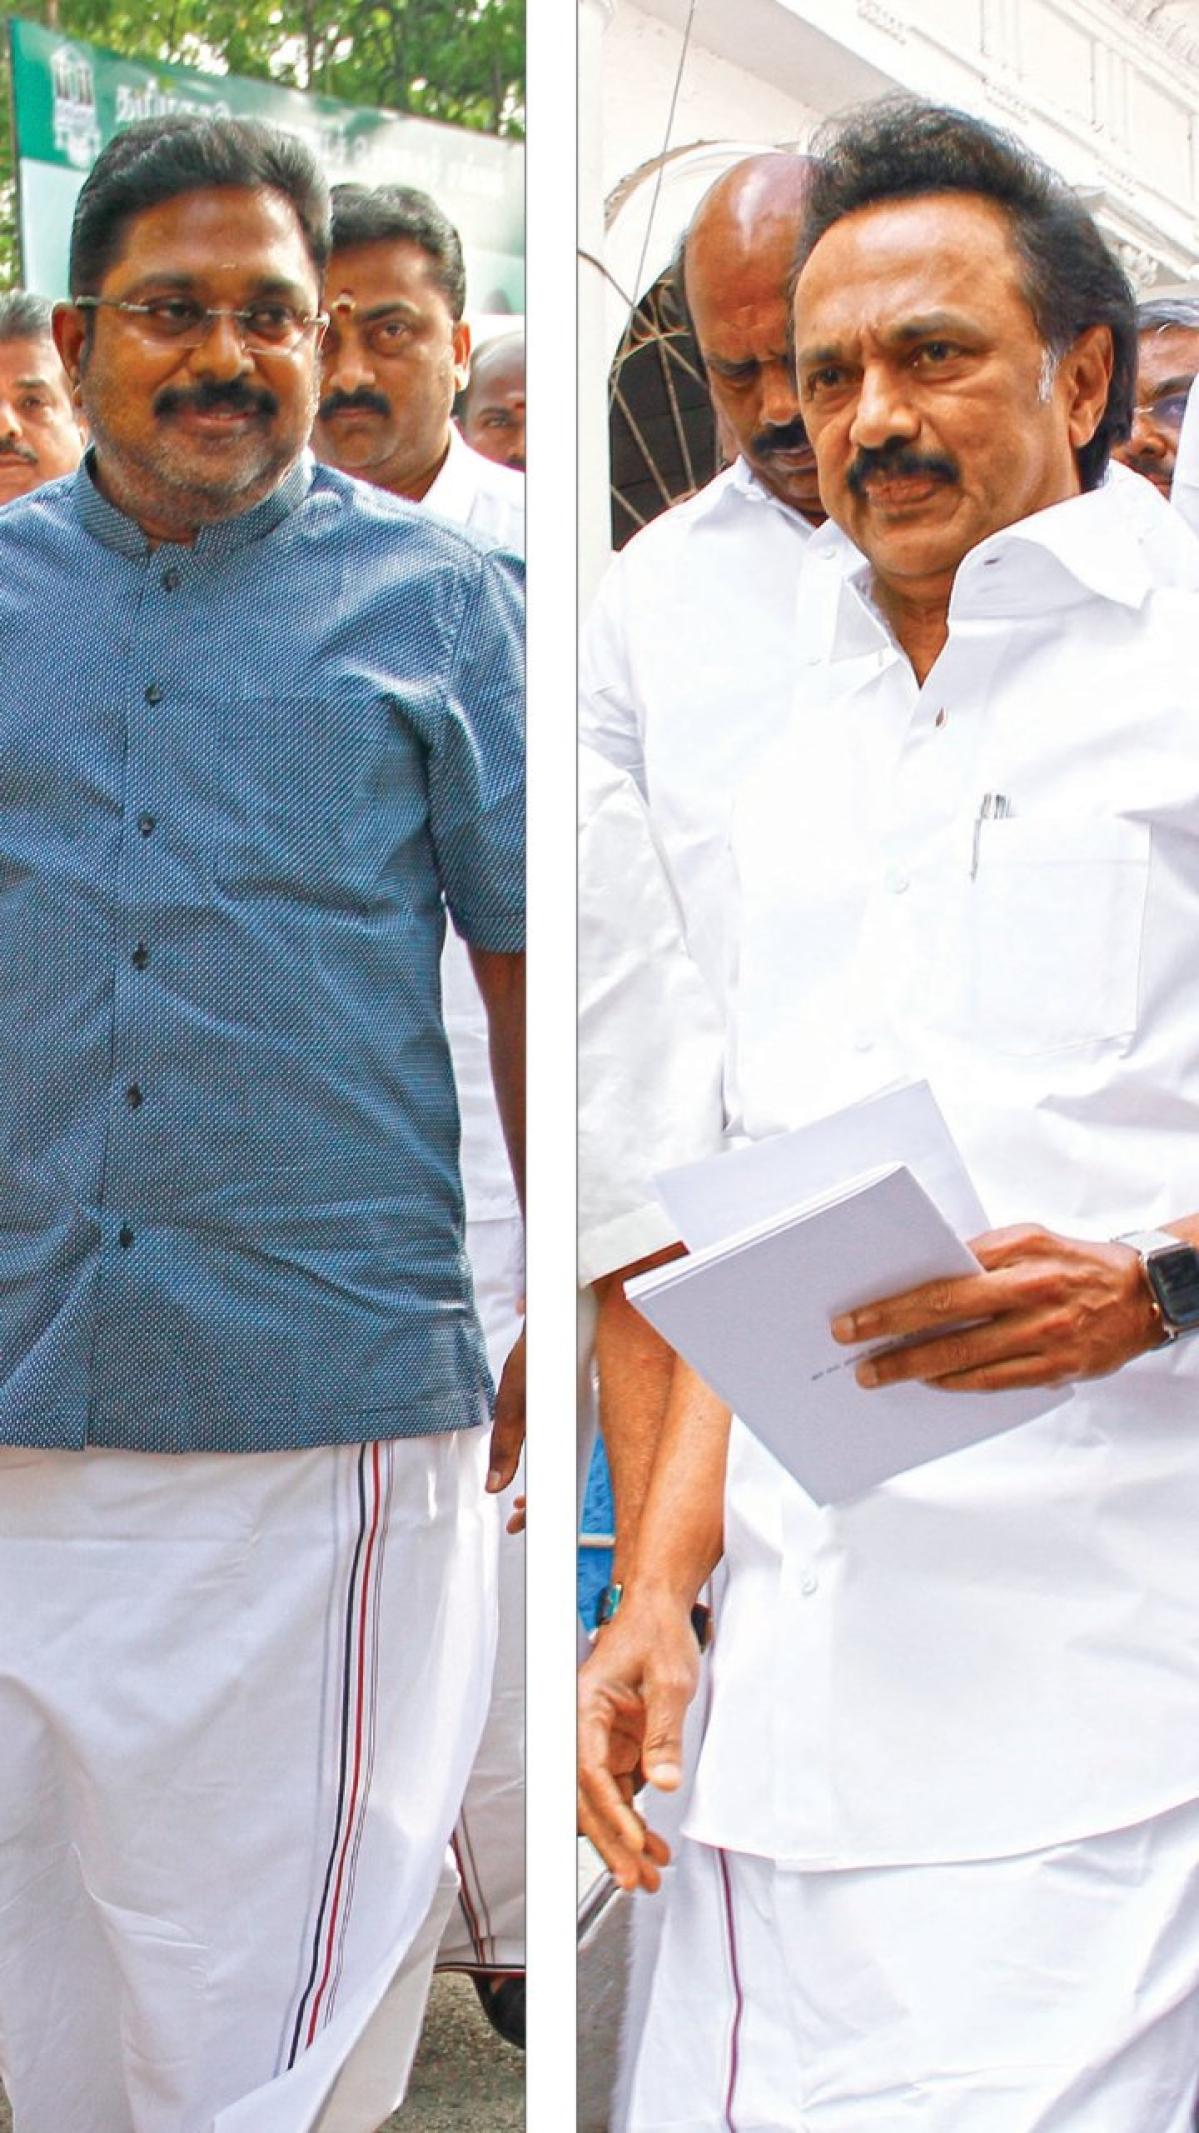 மிஸ்டர் கழுகு: திருவாரூர் தேர்தல் ரத்து... தி.மு.க-வில் நடந்த உள்குத்து!